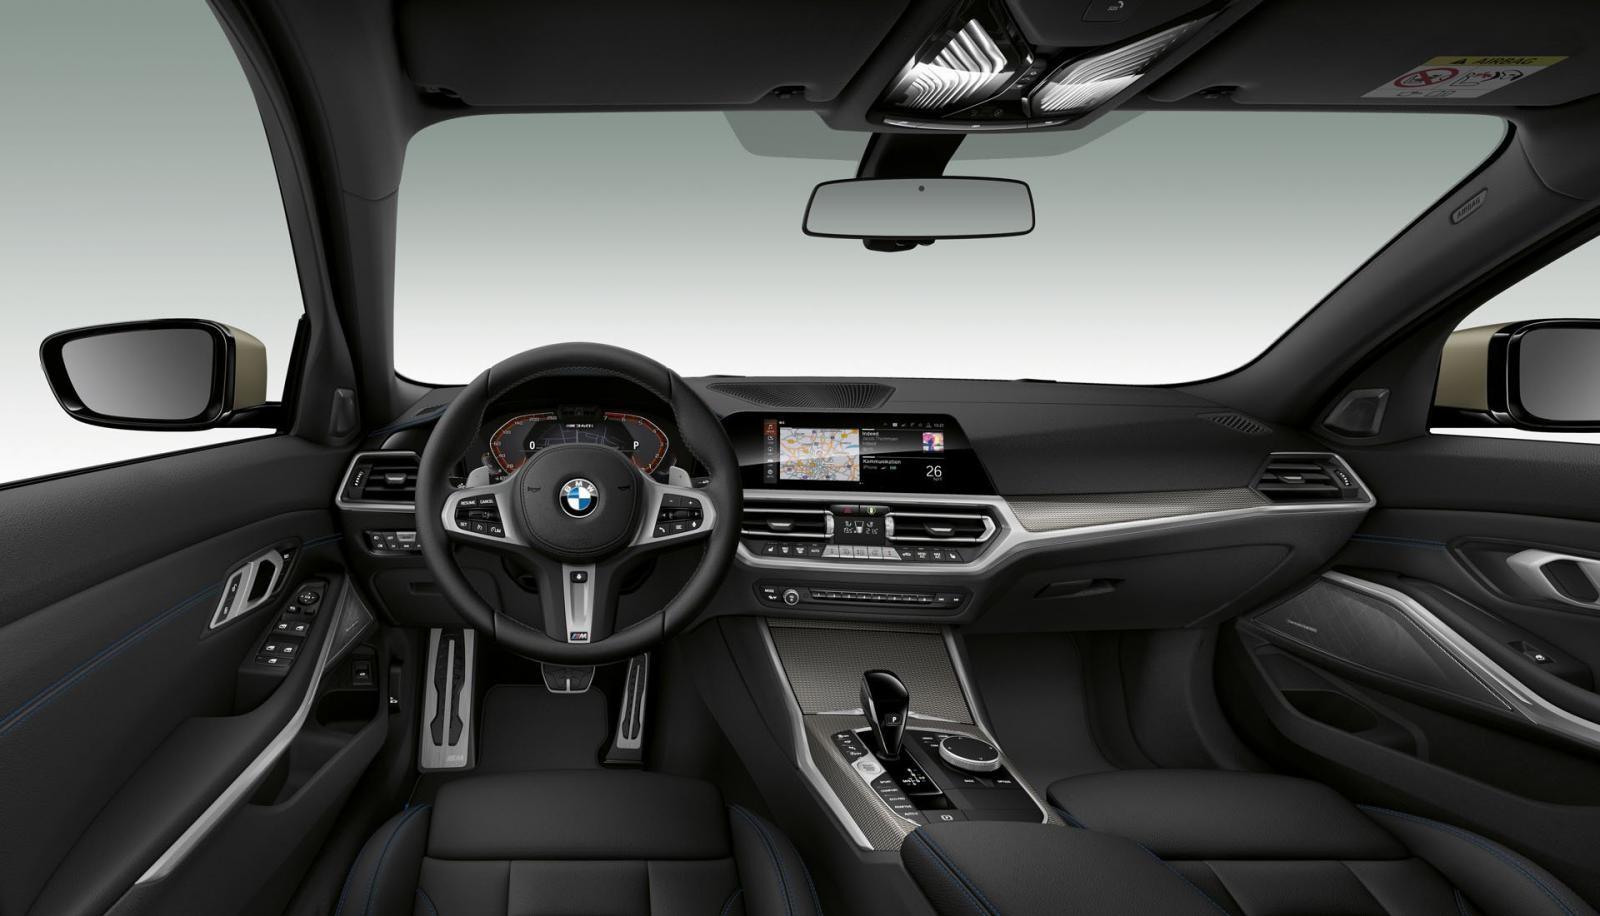 Nội thất BMW M340i 2019 hướng đến sự tối giản nhưng vẫn rất tinh tế